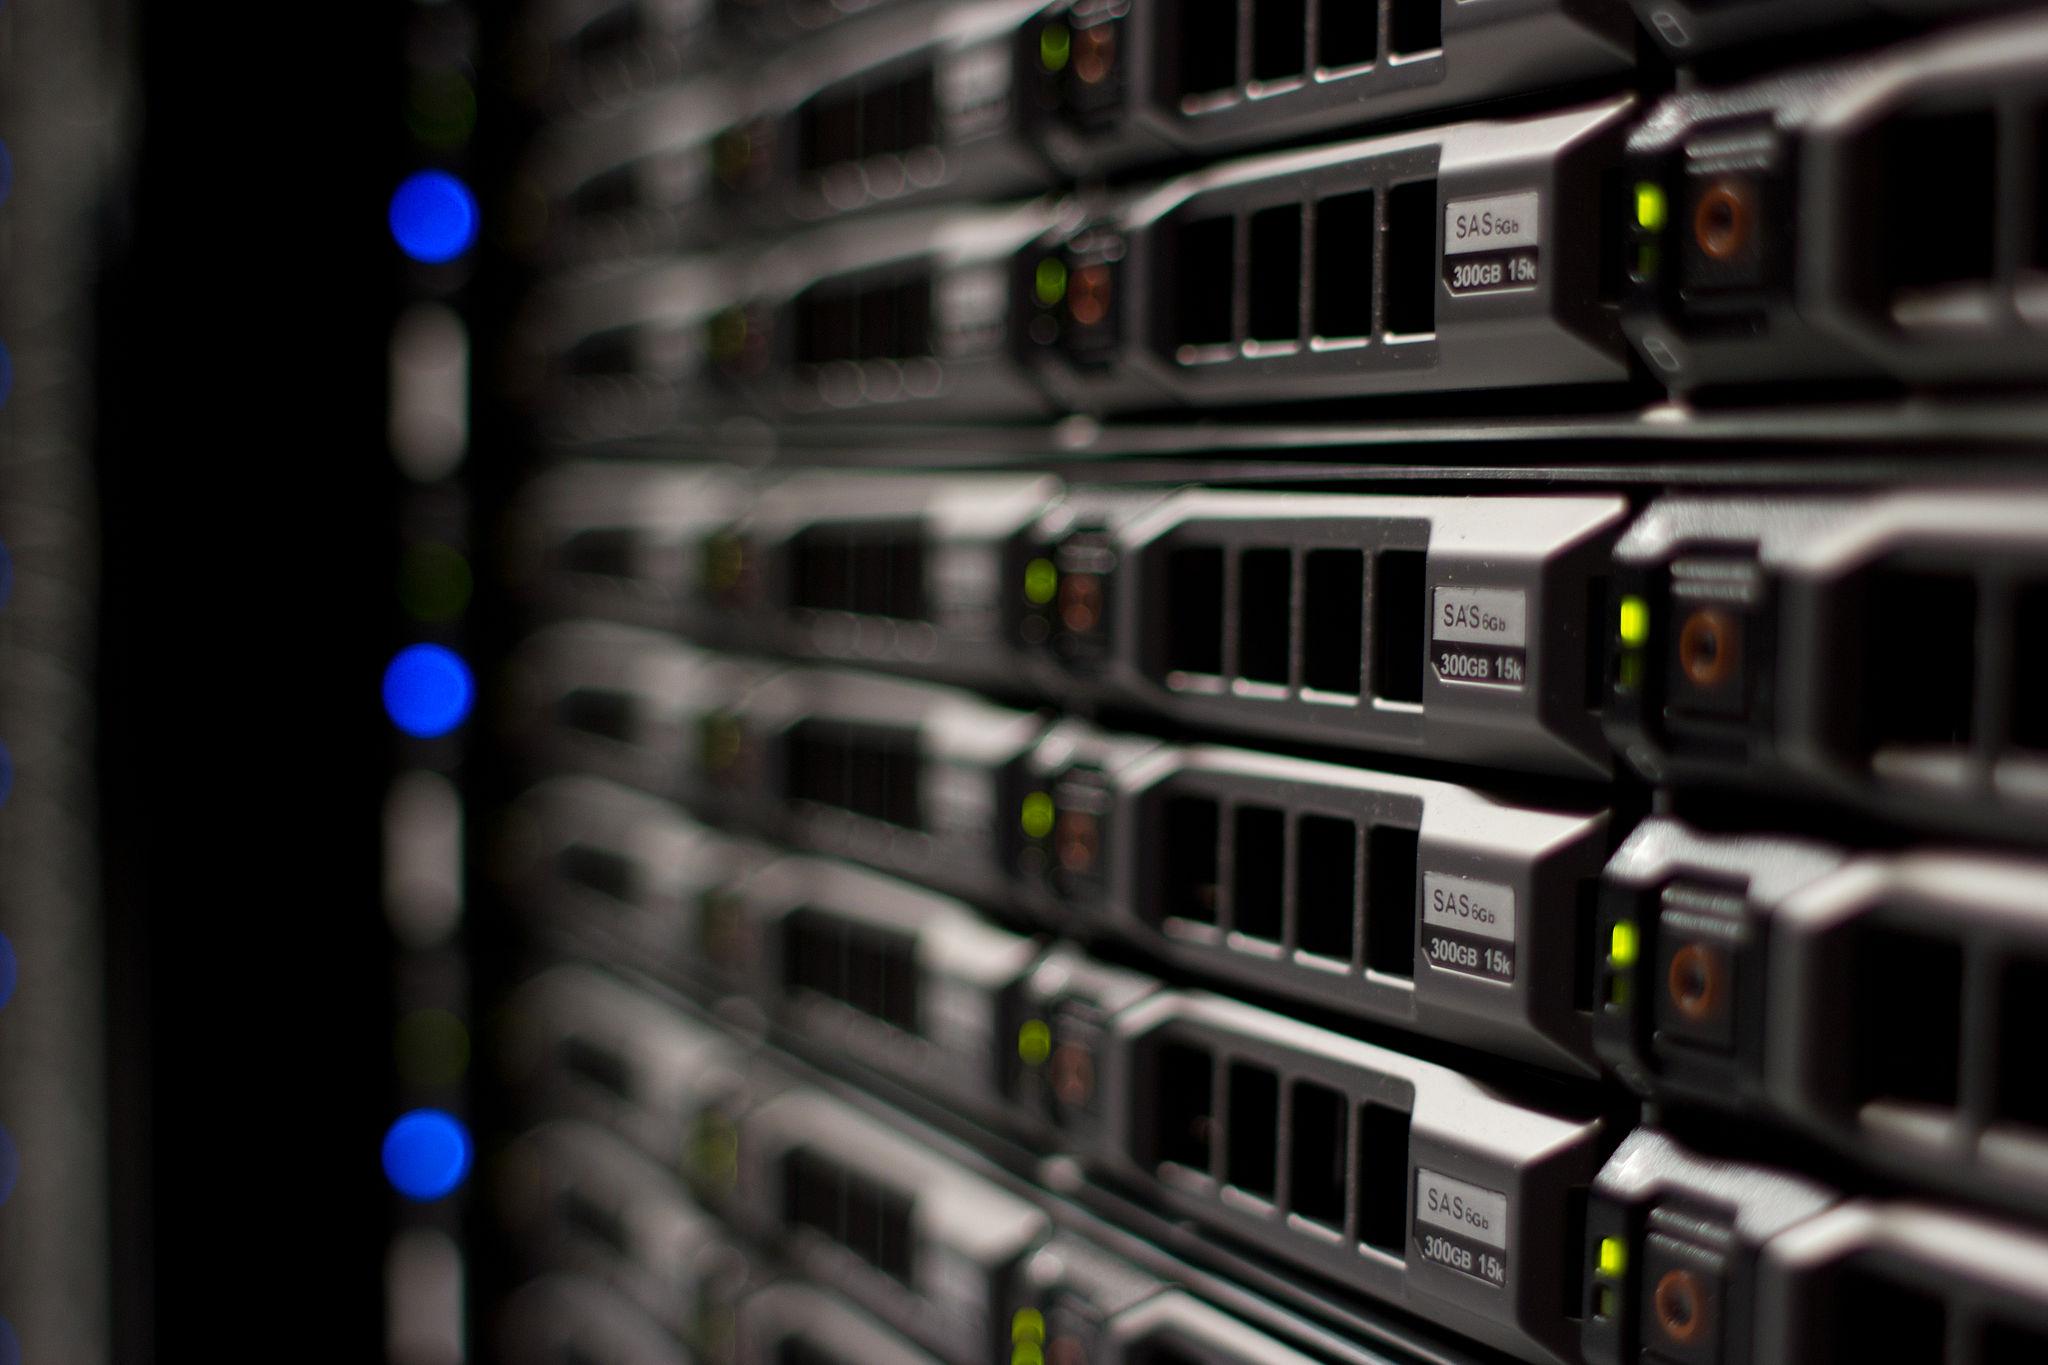 2048px-Wikimedia_Foundation_Servers-8055_20